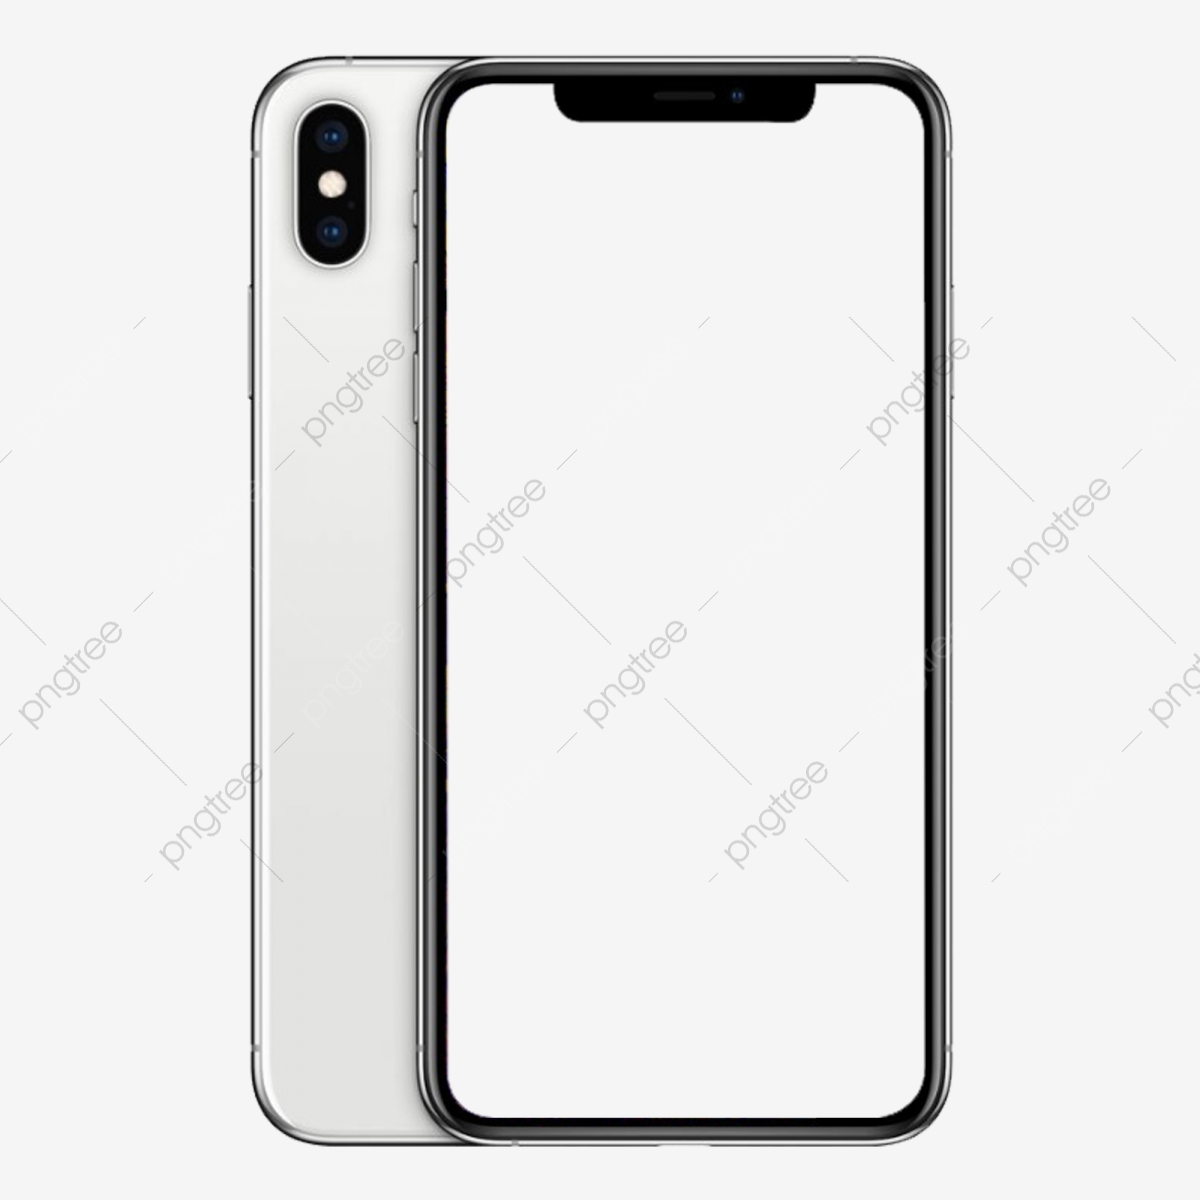 Modello Di Iphone Xs Bianco Mobile Telefono La Reintegrazione File